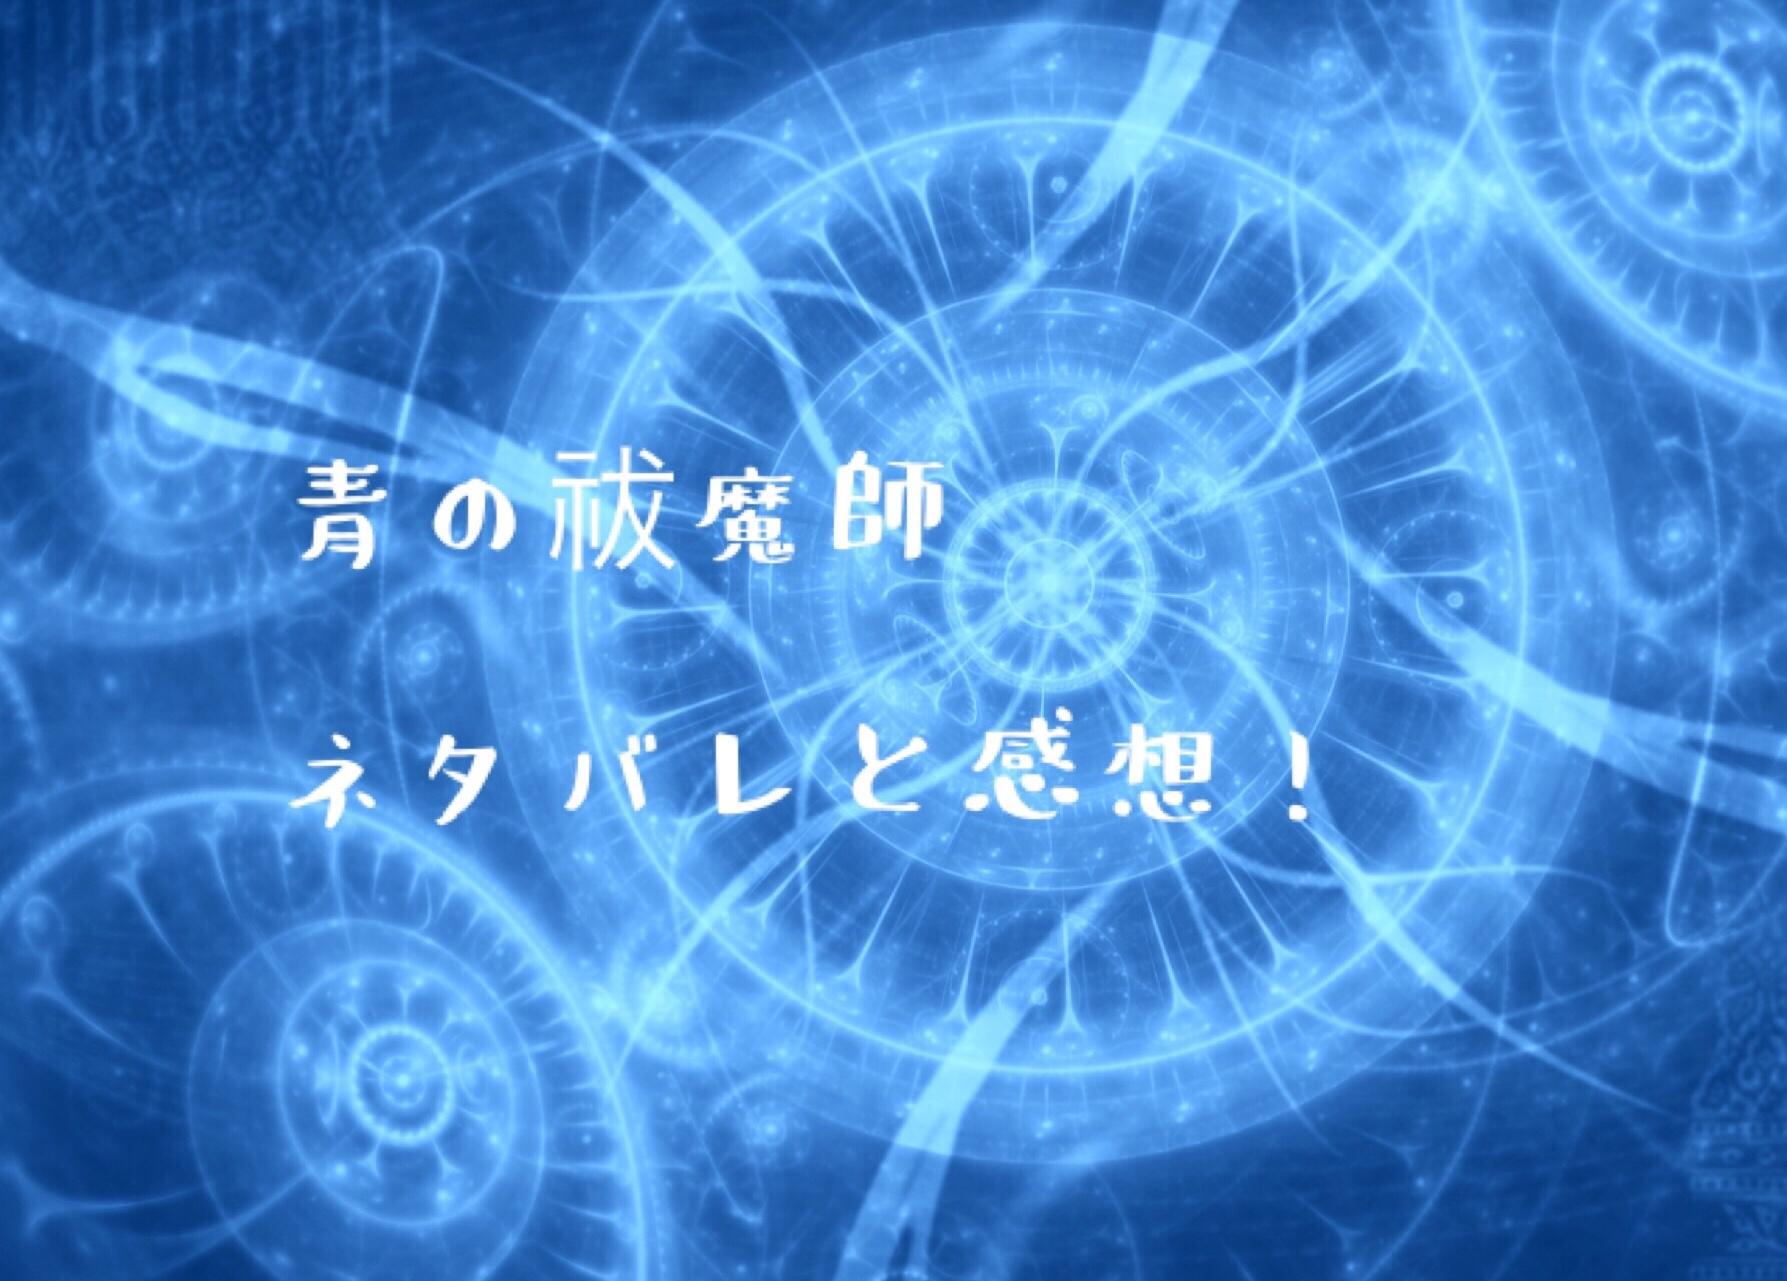 青の祓魔師【最新第116話 後編】SsC23:17g ネタバレと感想!